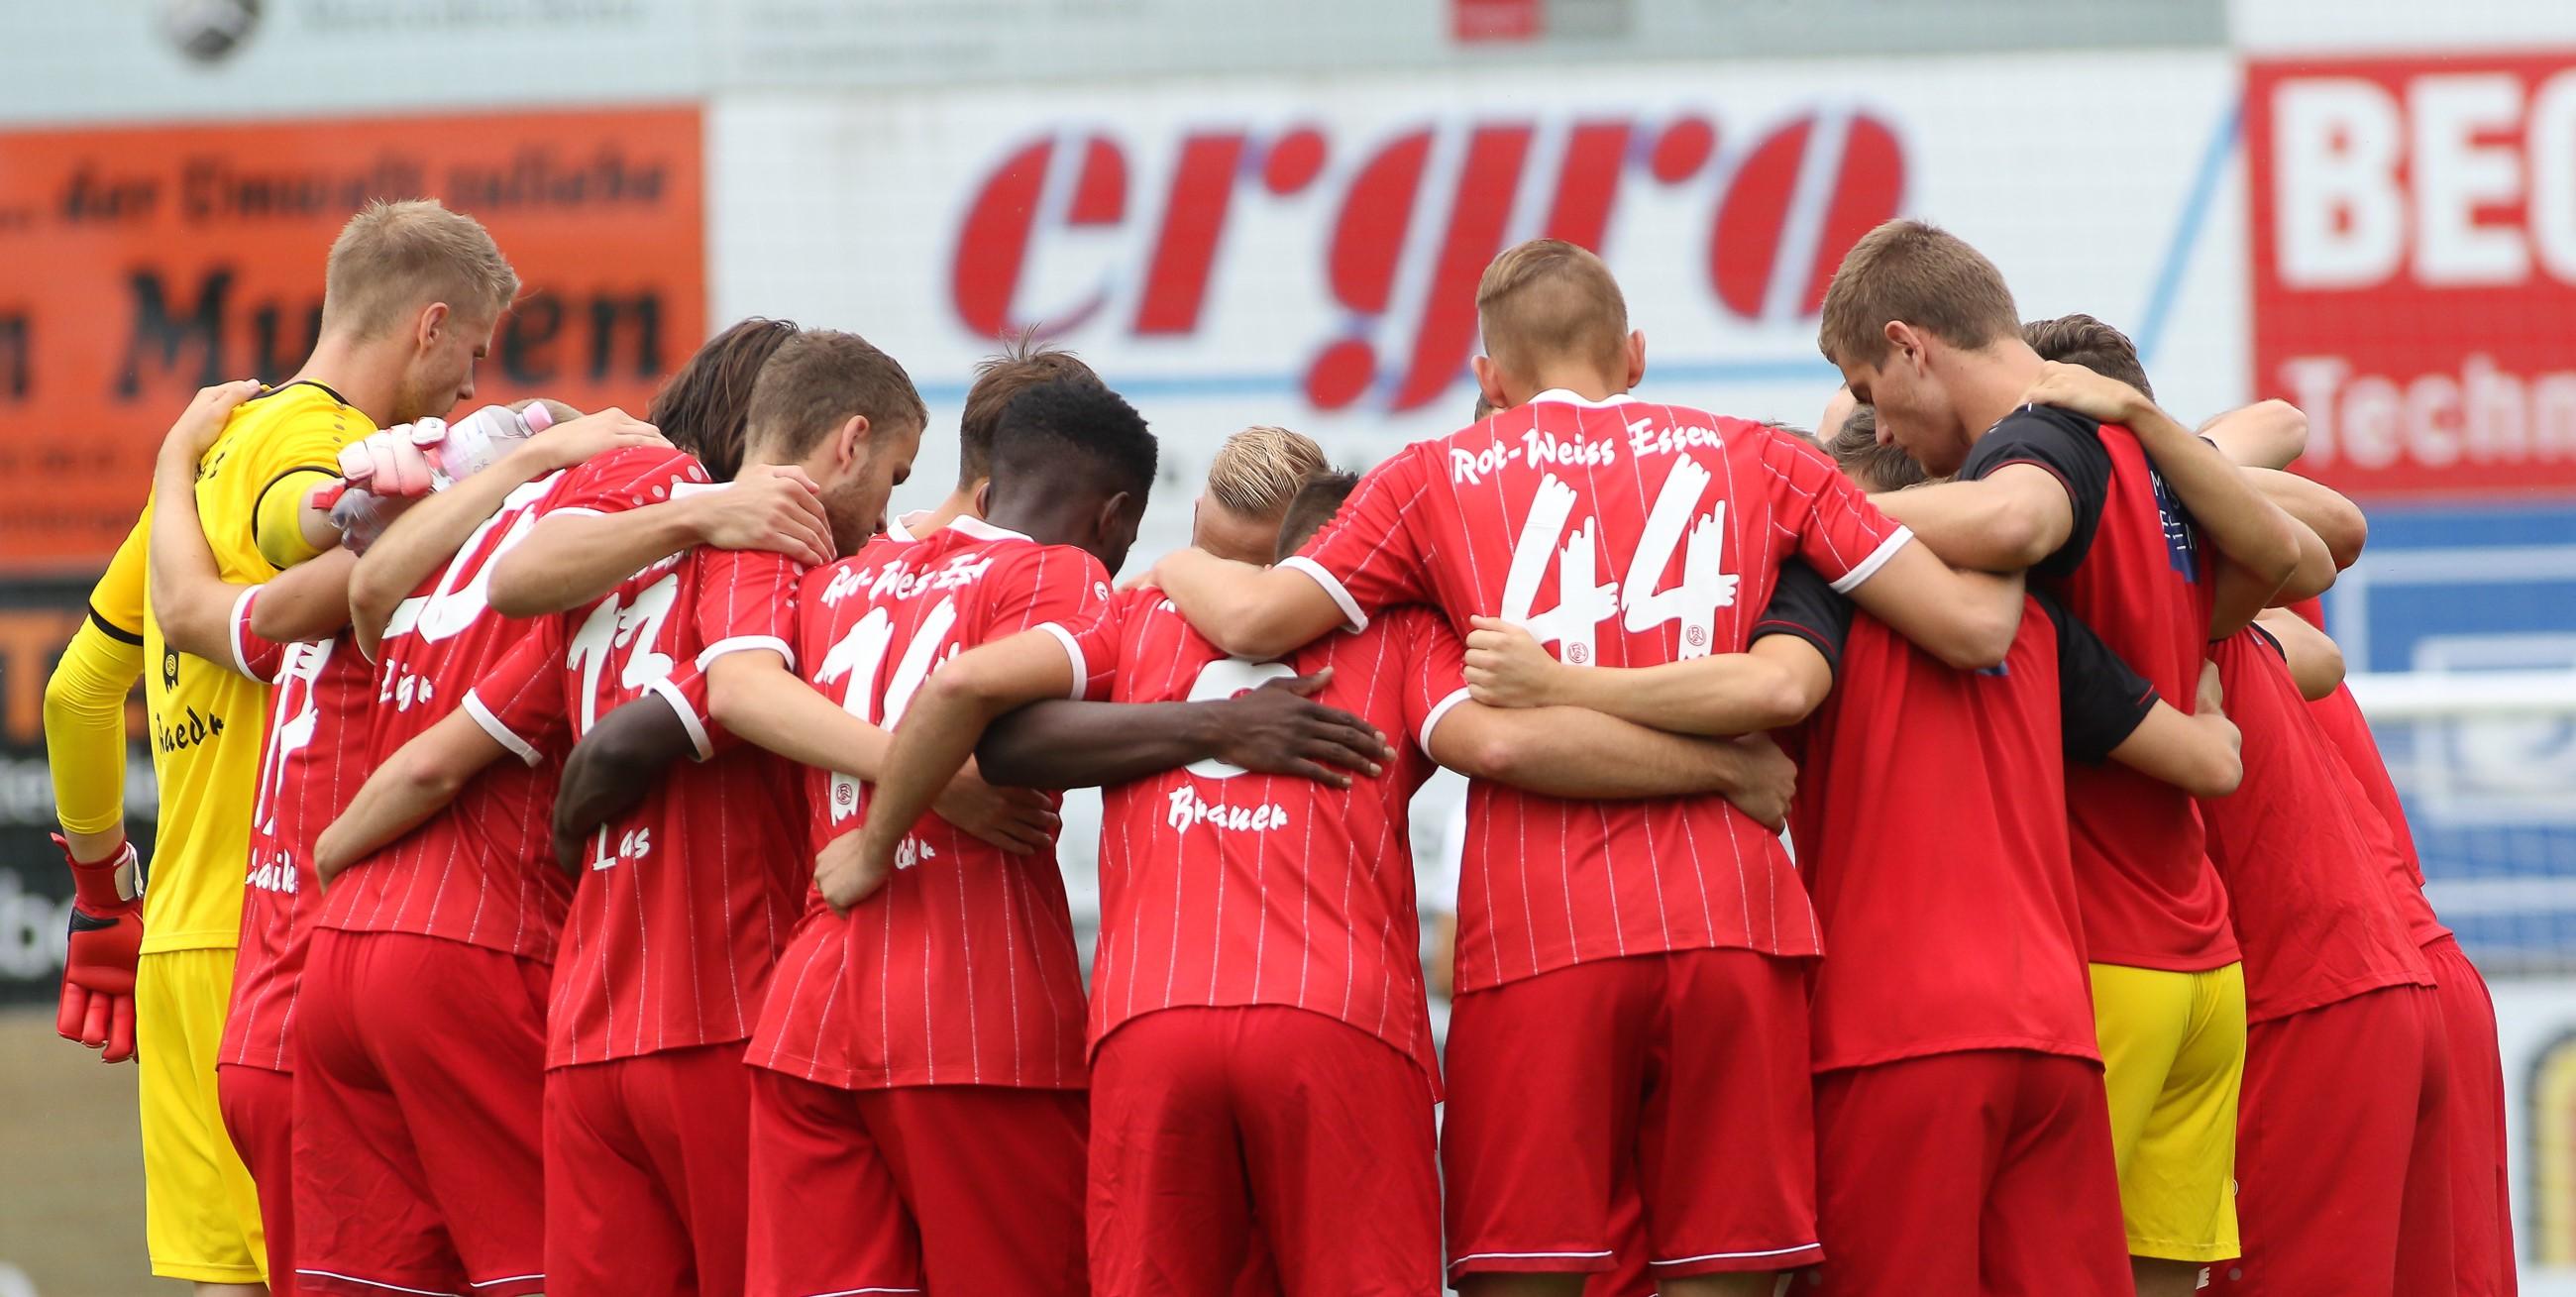 Die Mannschaft von Chef-Trainer Karsten Neitzel möchte auch aus Bergisch Gladbach Punkte mitnehmen. (Foto: Endberg)